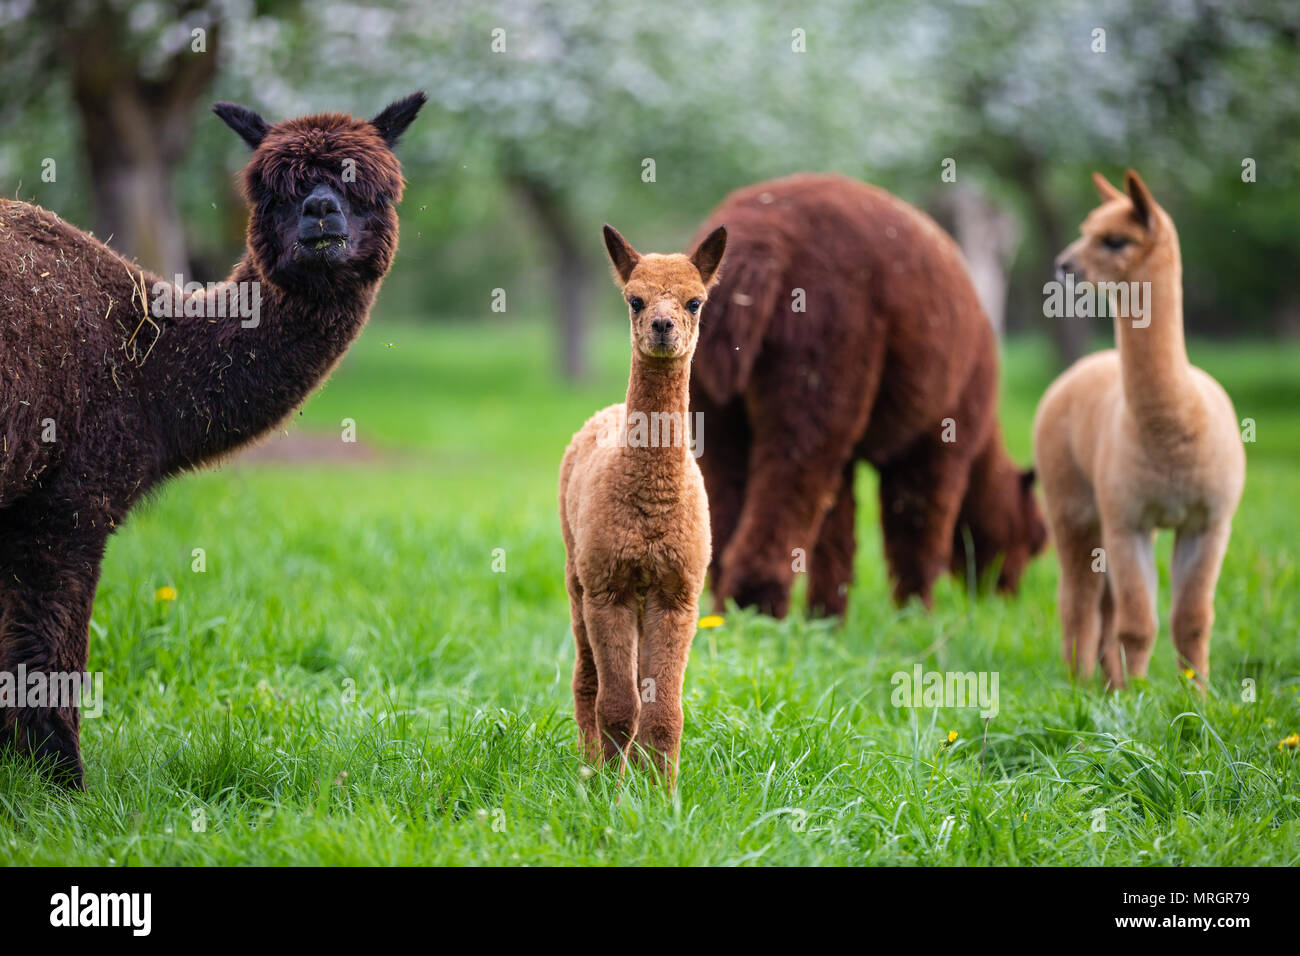 L'alpaga avec progéniture, un mammifère d'Amérique du Sud Photo Stock